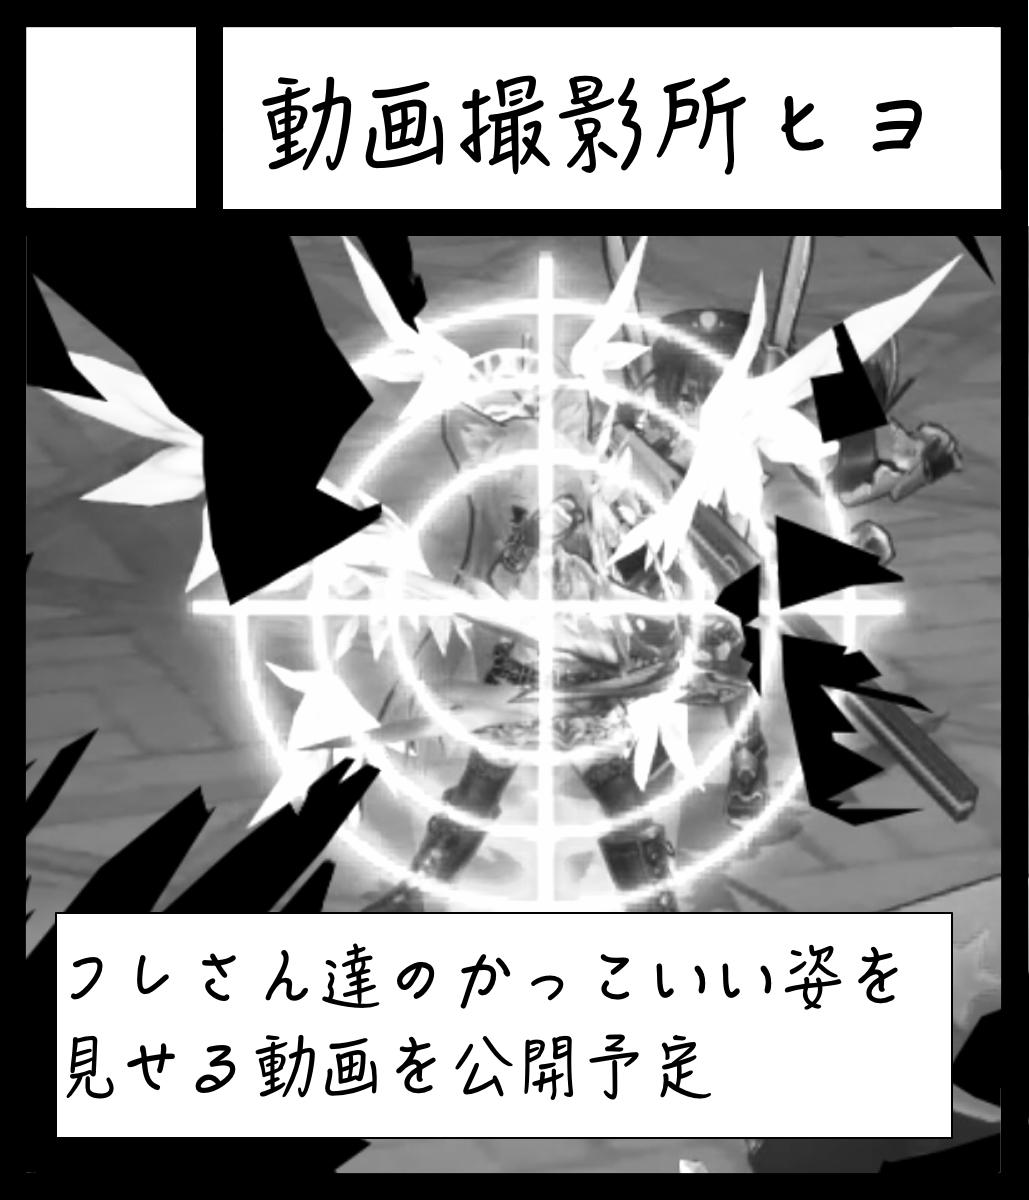 動画撮影所ヒヨ_サークルカット白黒